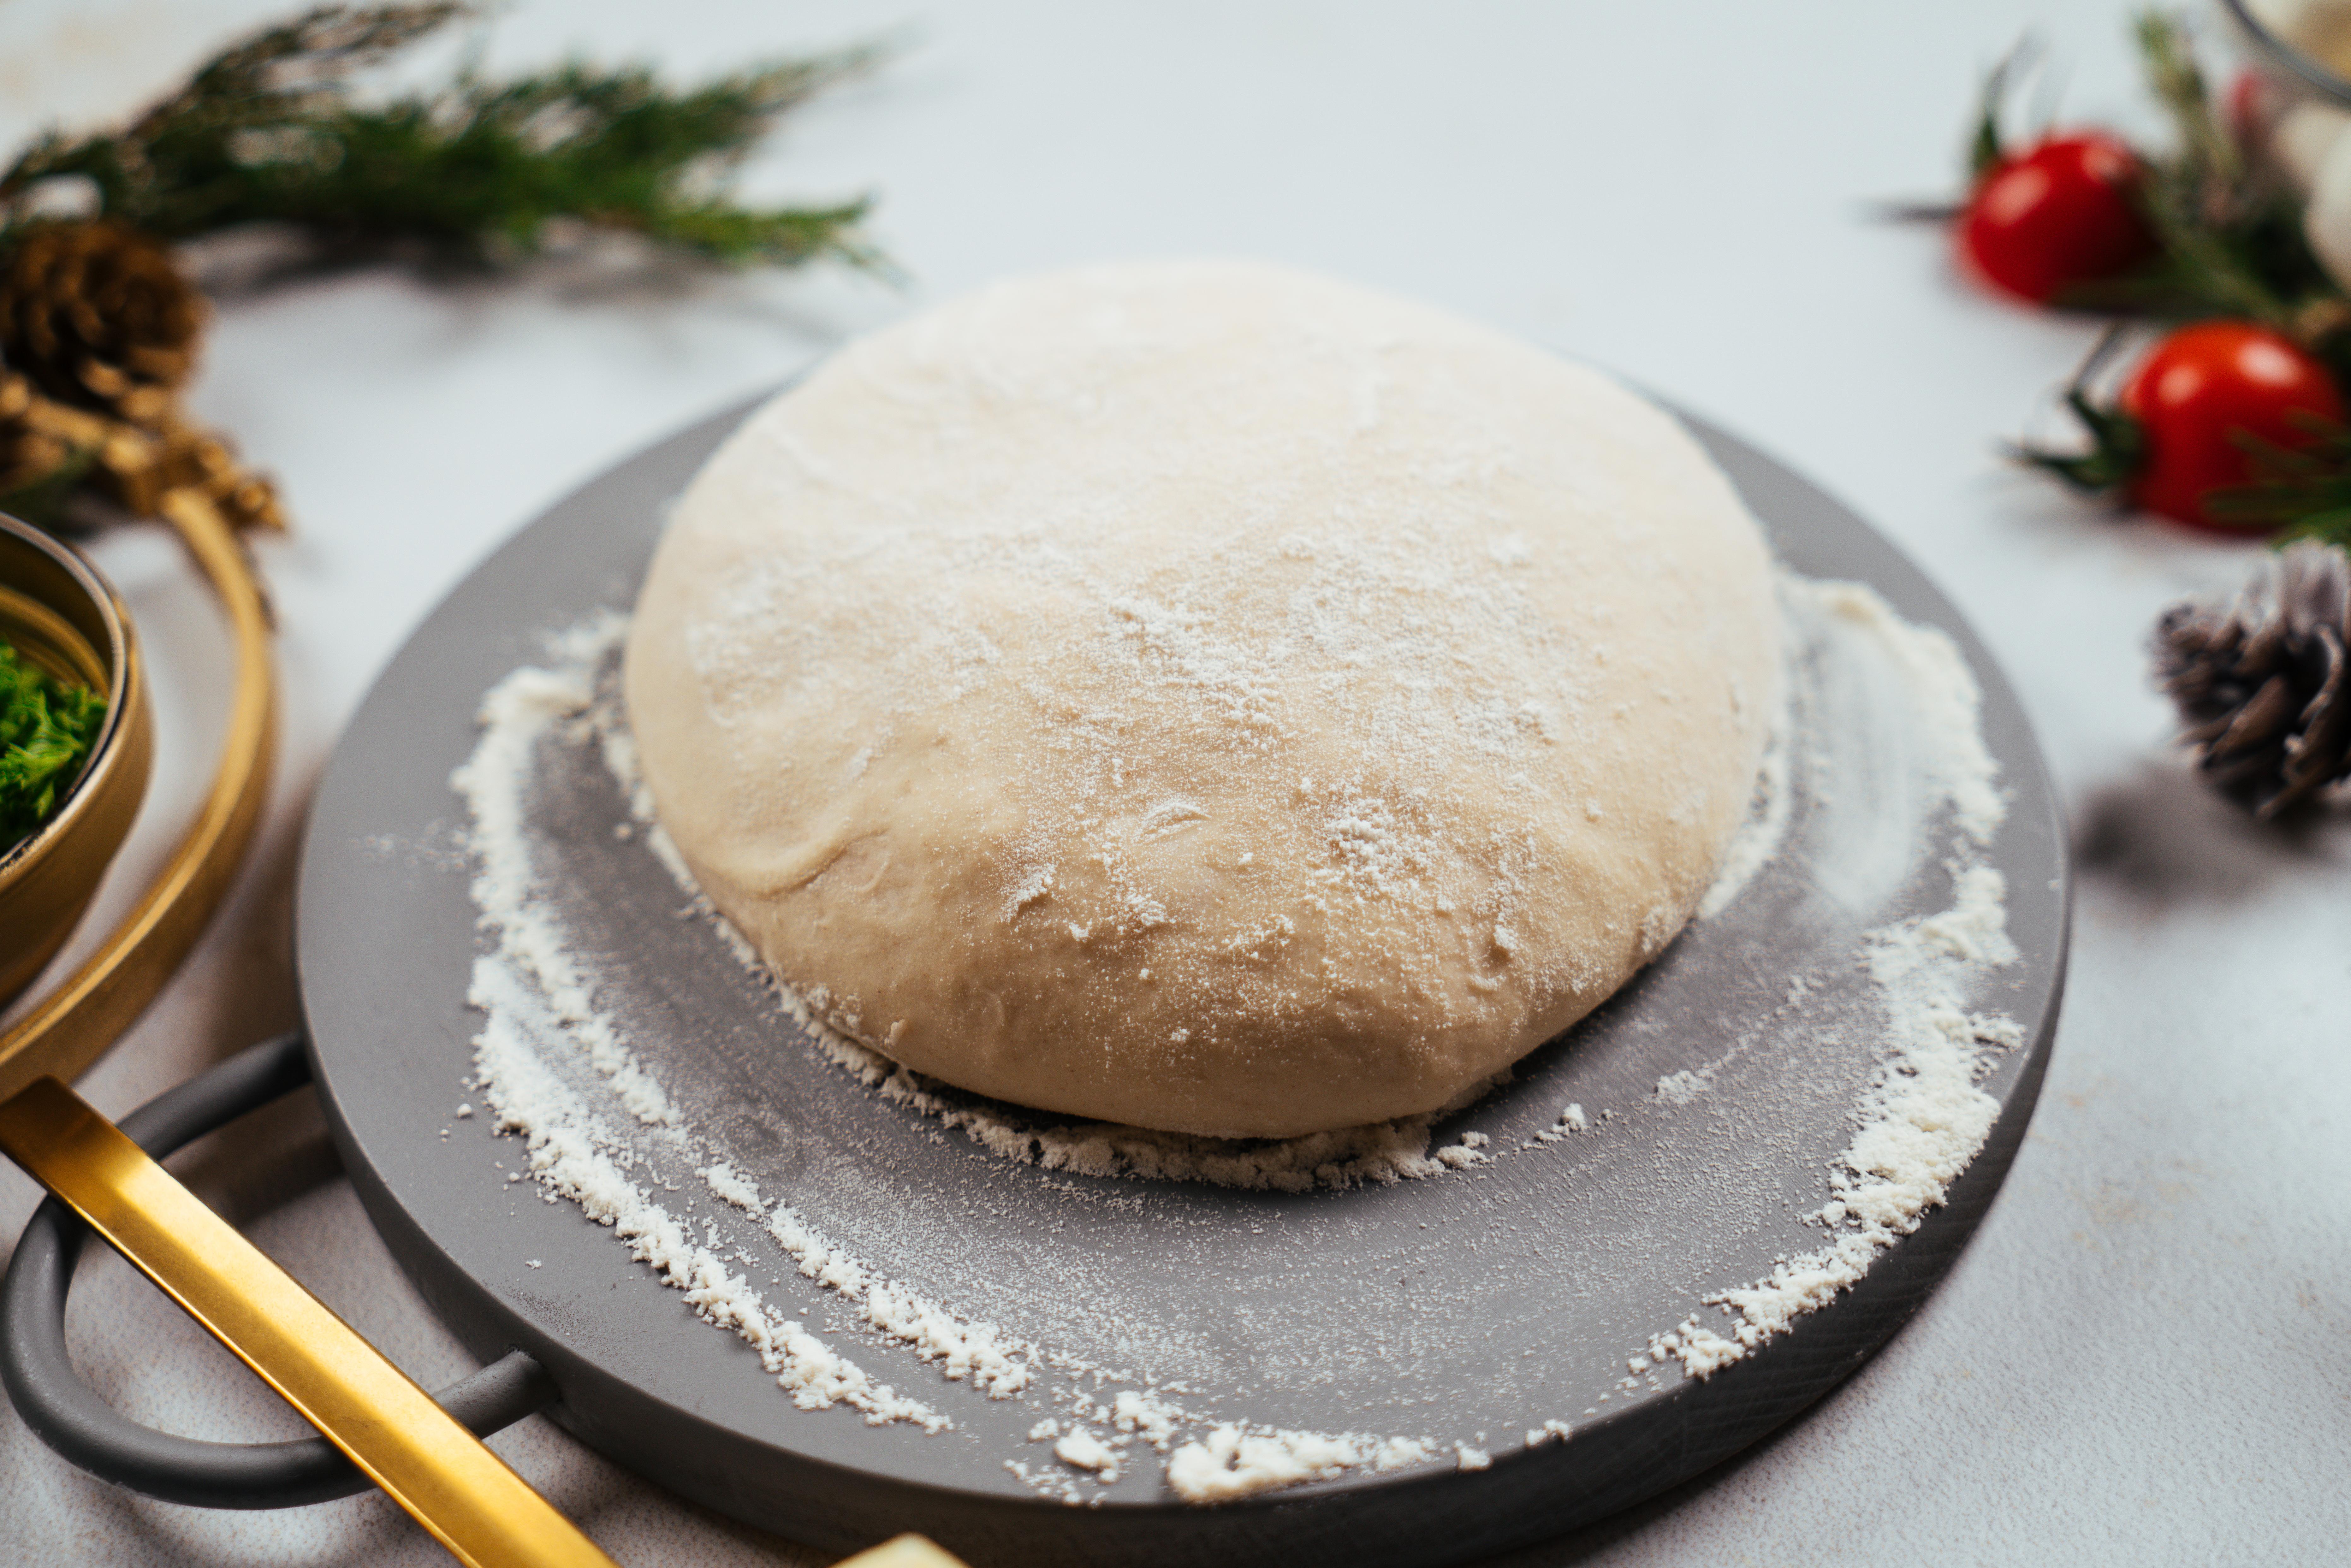 masa para pizza para hacer empanada en forma de corona navideña, las mejores recetas de canapés navideños y entrantes para nochevieja